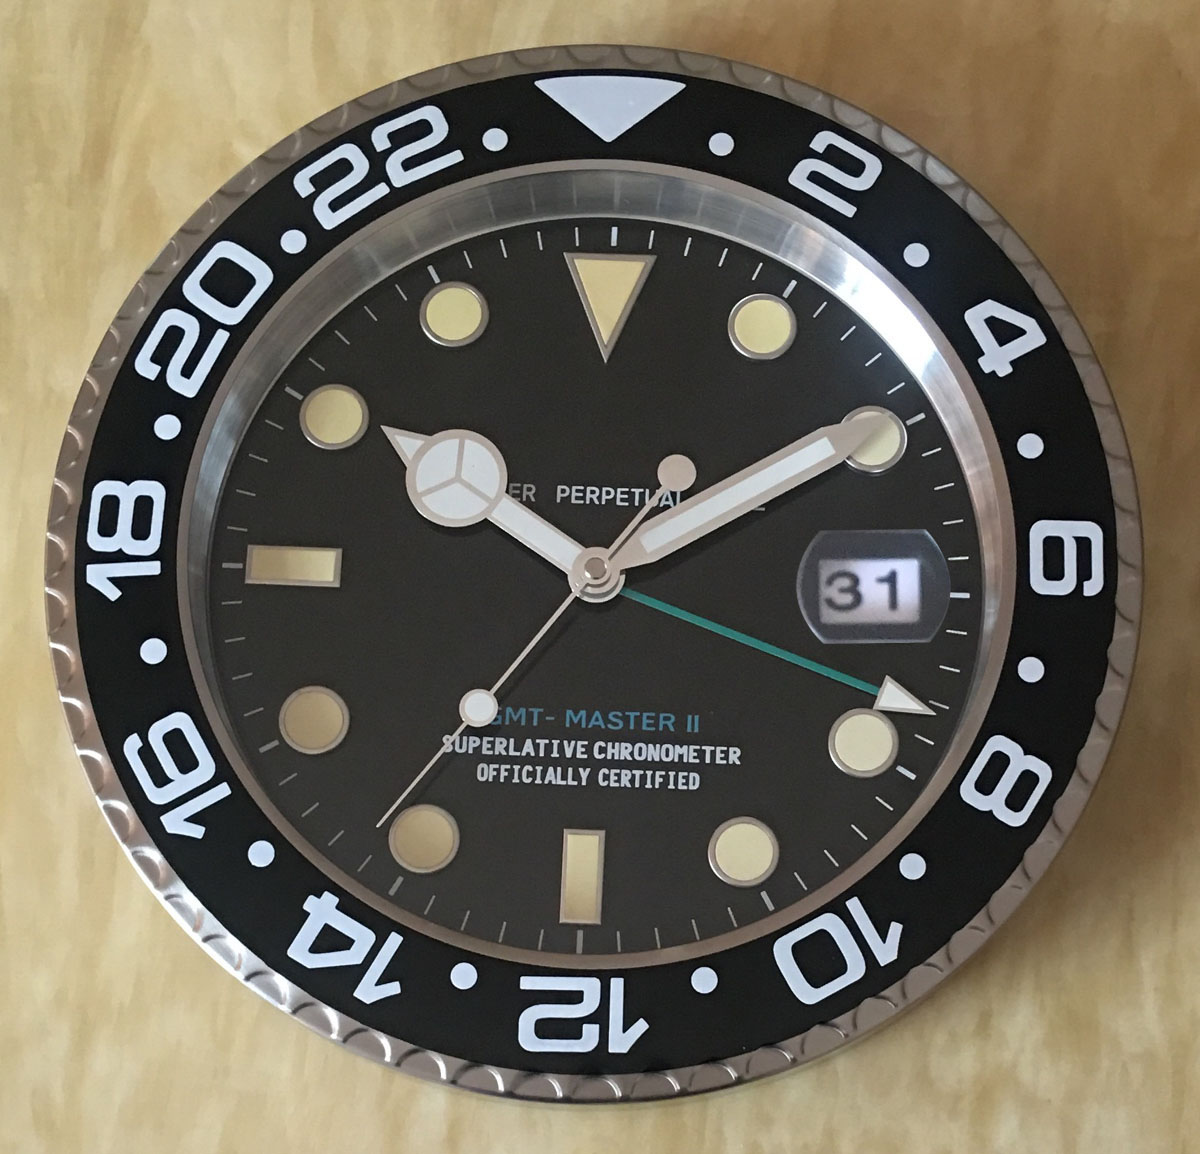 S & F Met Vergrootglas Retail Metalen Horloge Vorm Wandklok met Kalender Luxe Klok op De Muur - 4